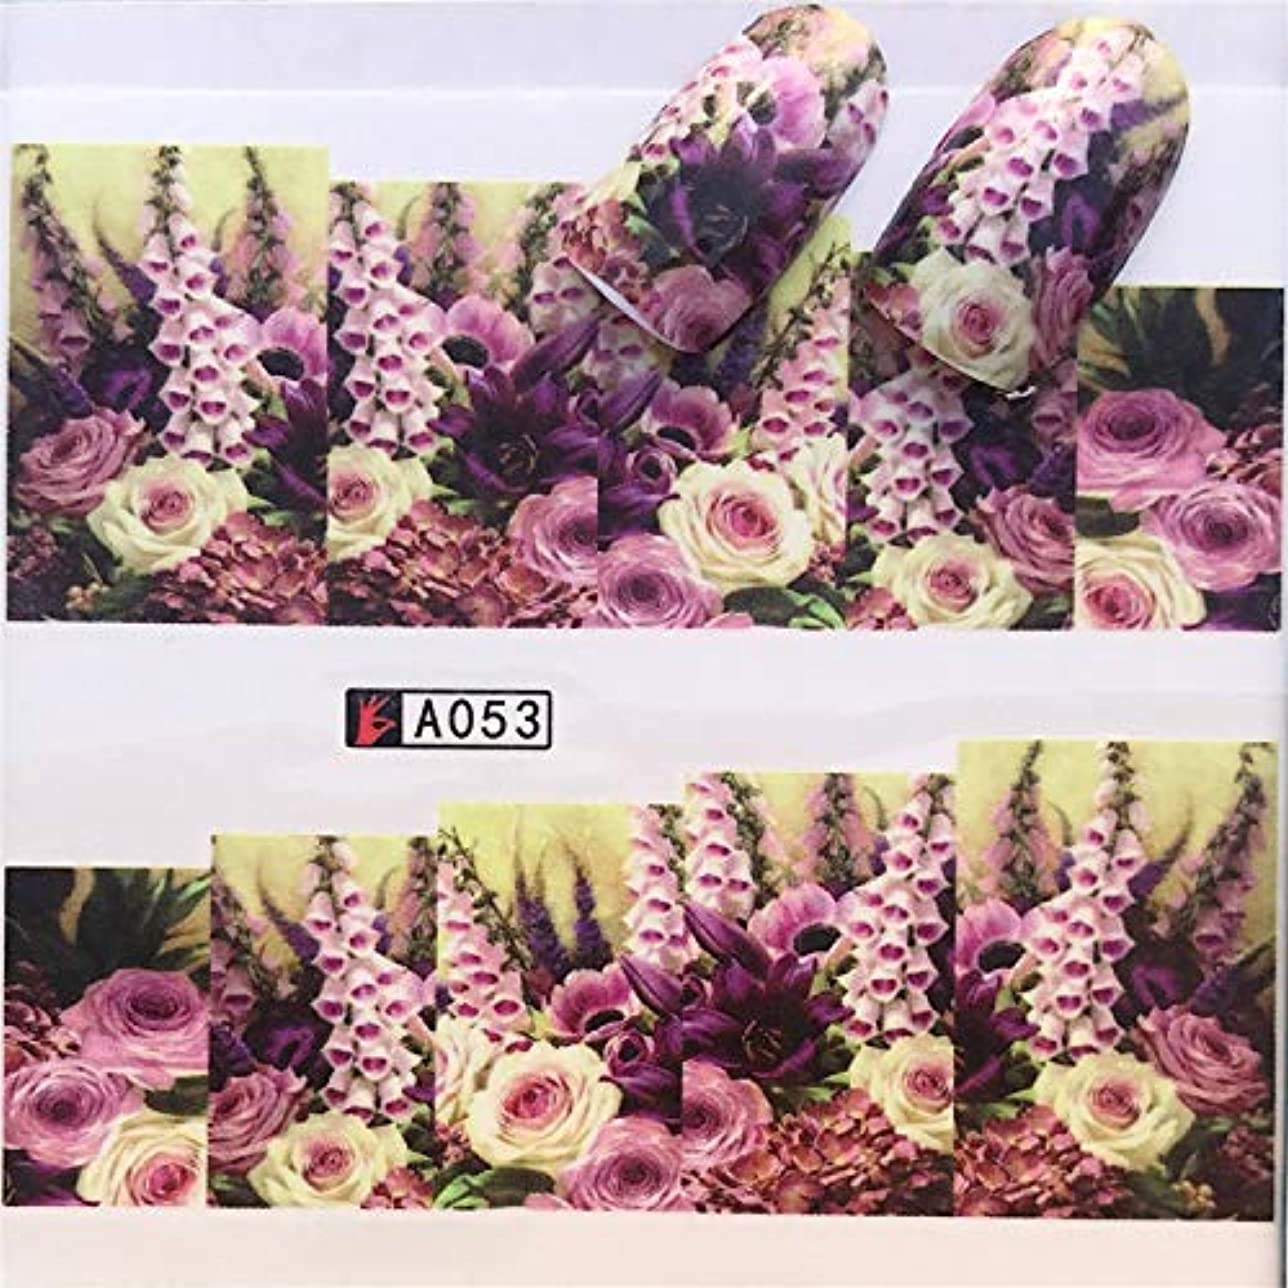 愛情やけど膿瘍MEI1JIA CELINEZL 3ピースネイルステッカーセットデカールウォータースライダースライダーネイルアートデコレーション、色:YZWA053